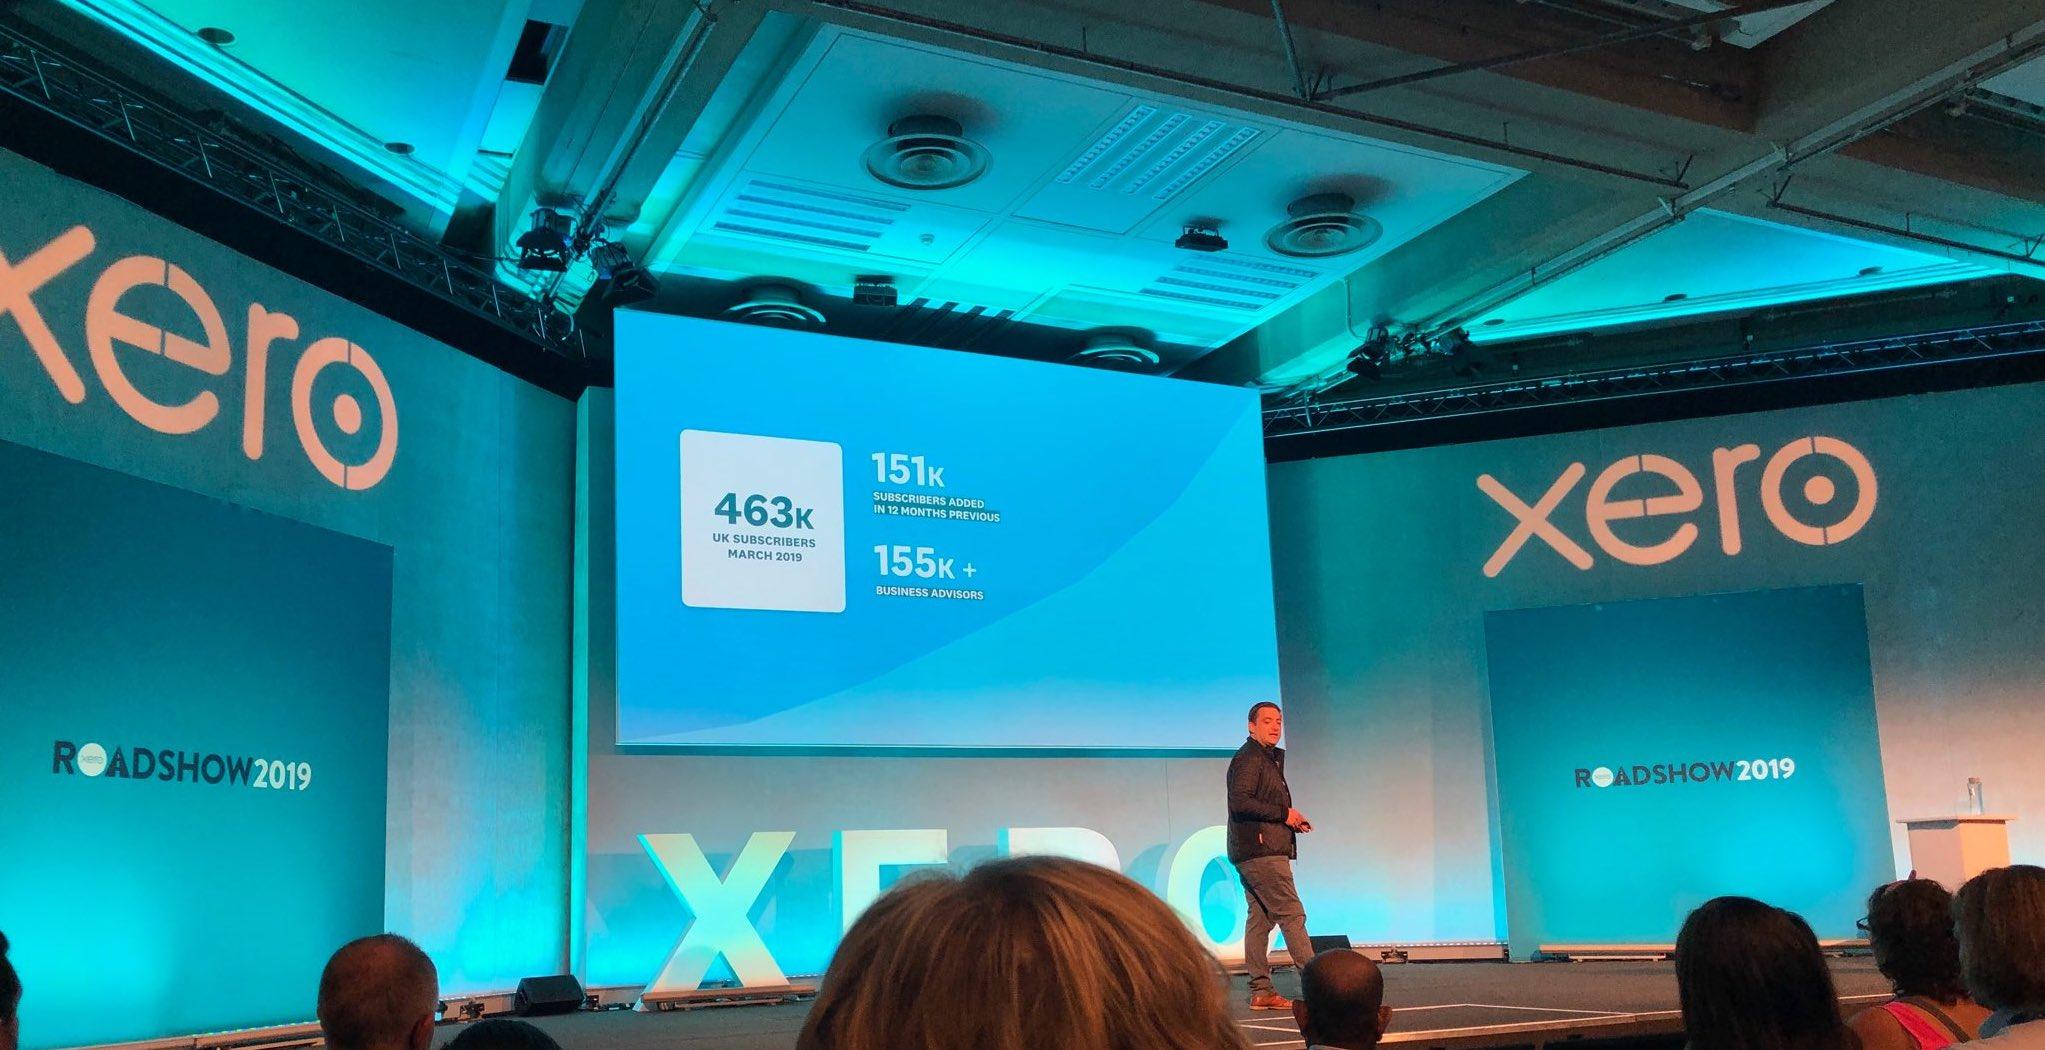 Xero demonstrate product